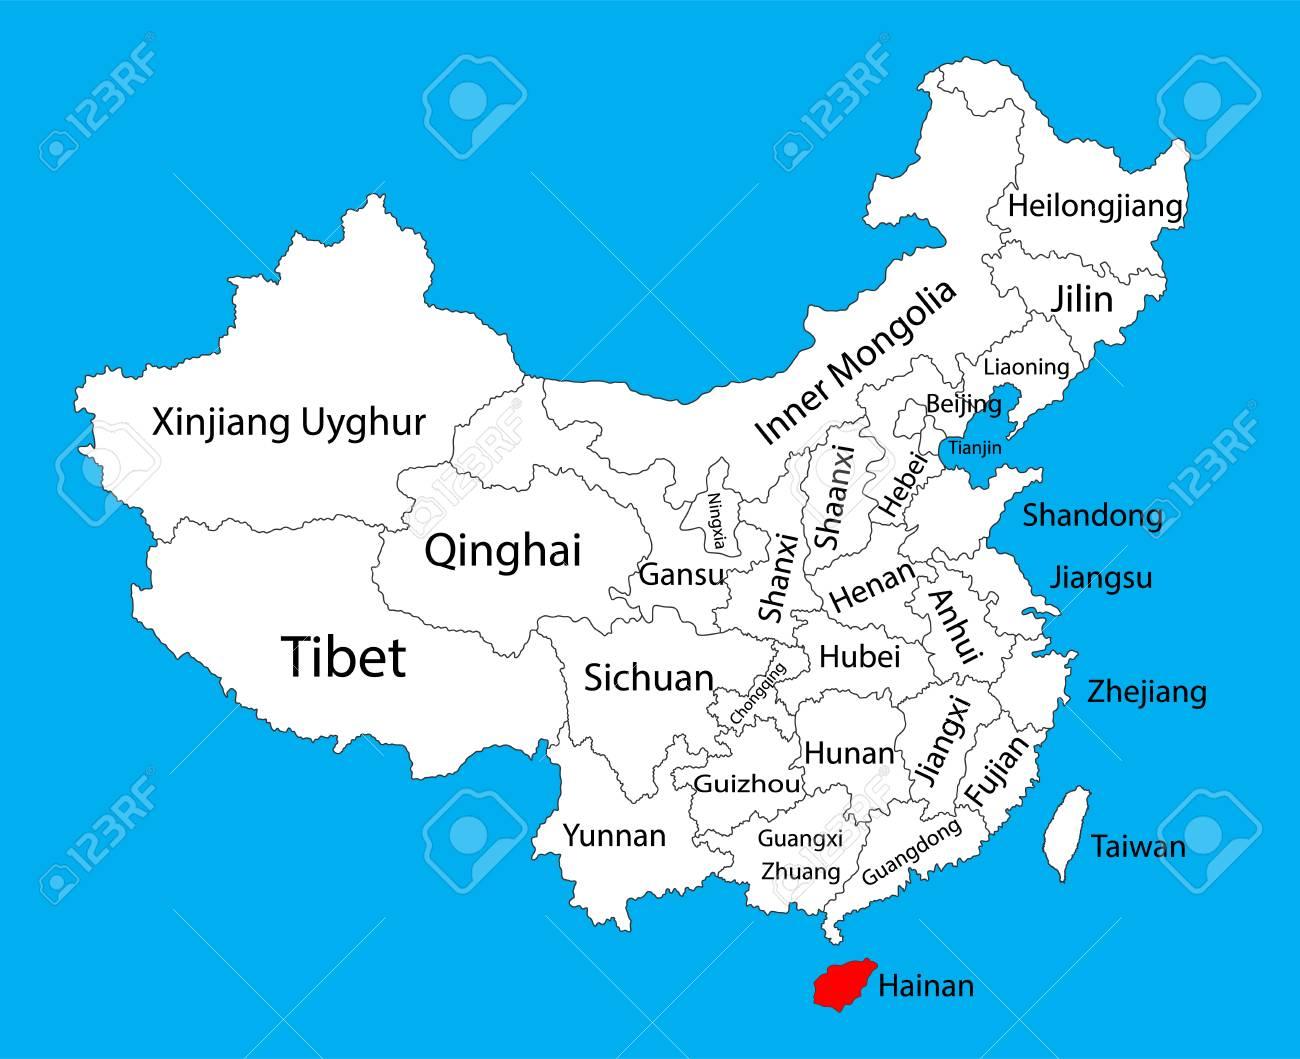 海南省地図、中国ベクトル地図イ...